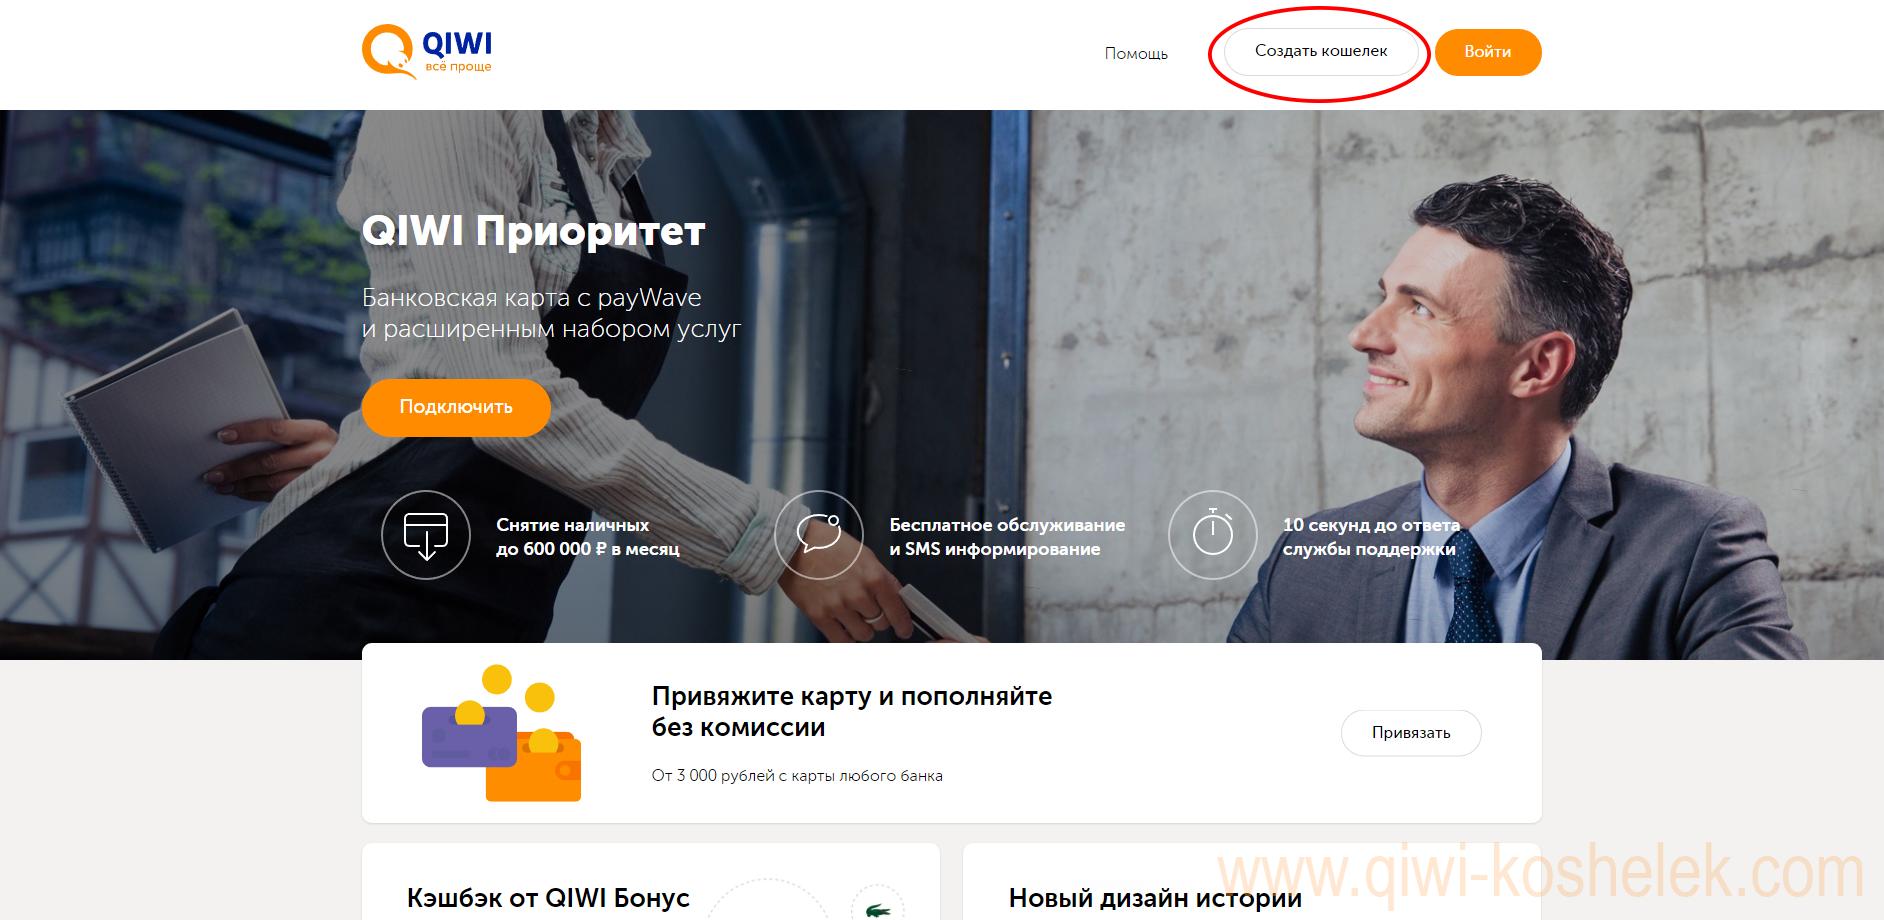 QIWI  КИВИ Банк ЗАО  Отзывы покупателей